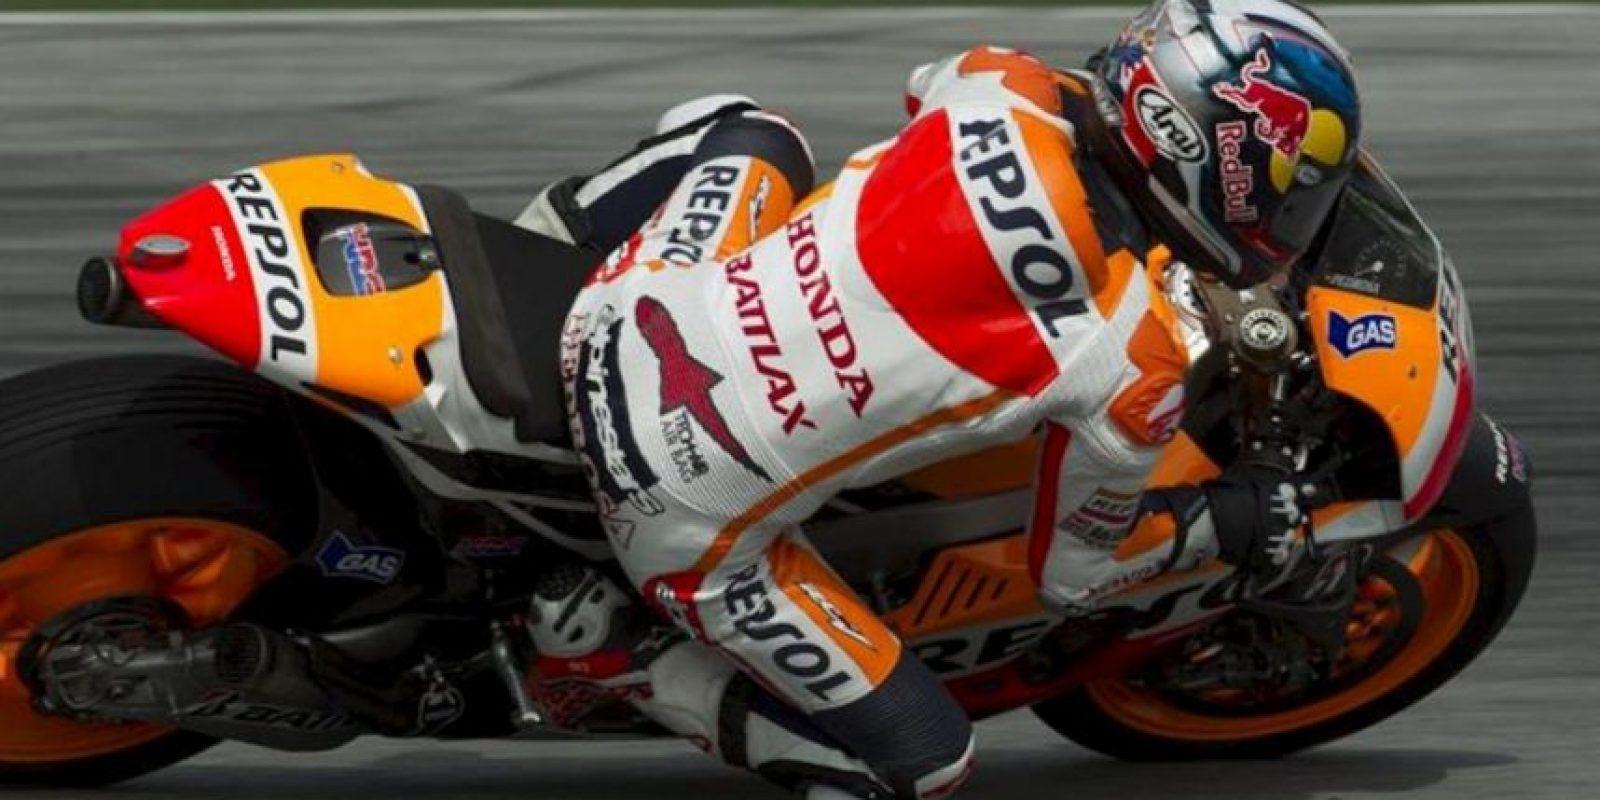 El piloto español de MotoGP Dani Pedrosa, de Repsol Honda, participa hoy en los entrenamientos en el circuito de Sepang cerca de Kuala Lumpur en Malasia. EFE